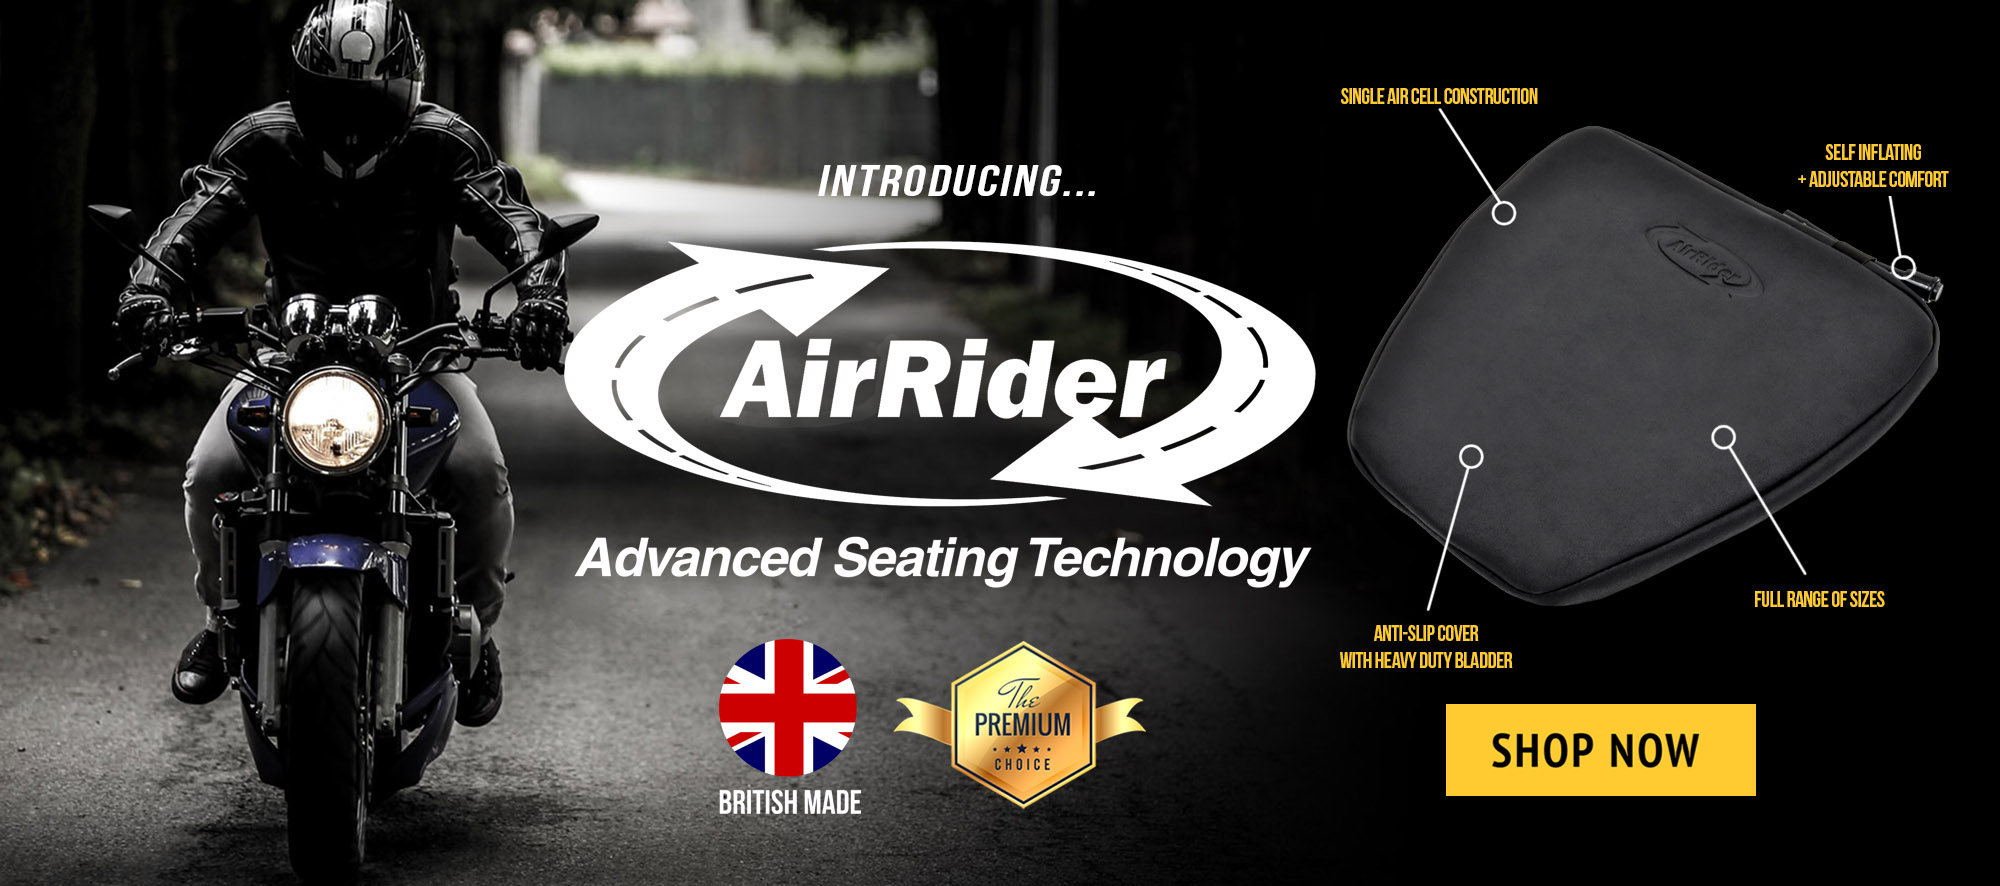 Rr Airrider Banner 001